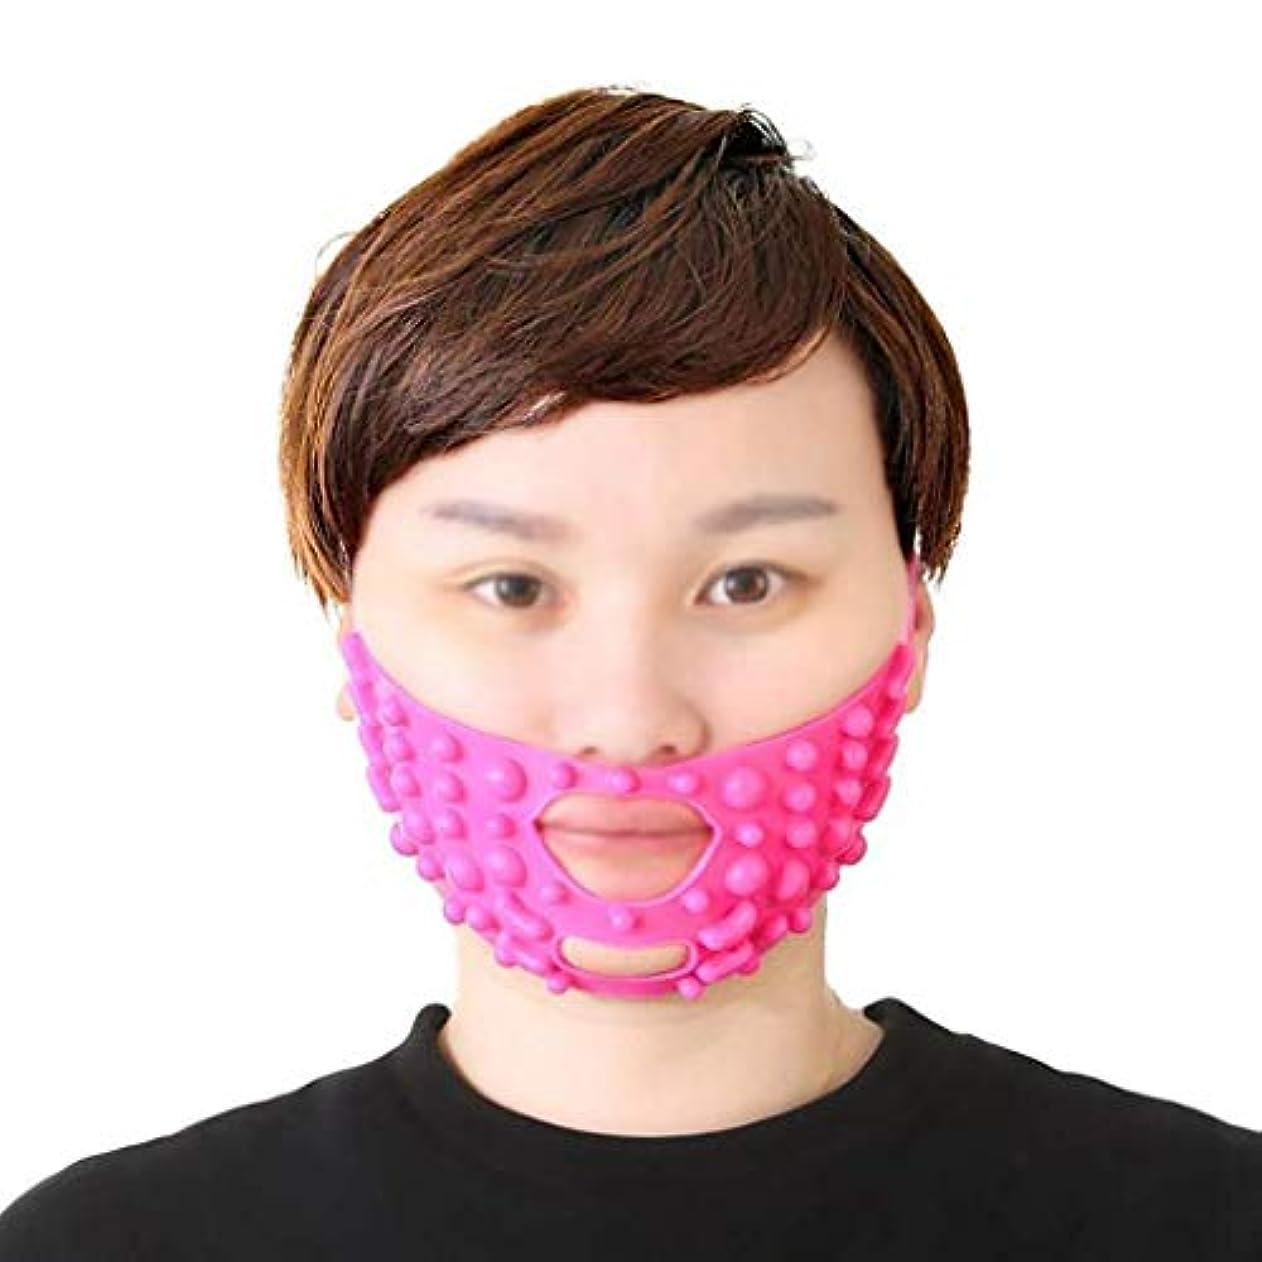 市の中心部横に愛情フェイスリフトマスク、チンストラップシリコーンVフェイスマスクフェイスマスク強力な包帯V顔アーティファクトスモールV顔包帯顔と首リフトピンクシリコーン包帯